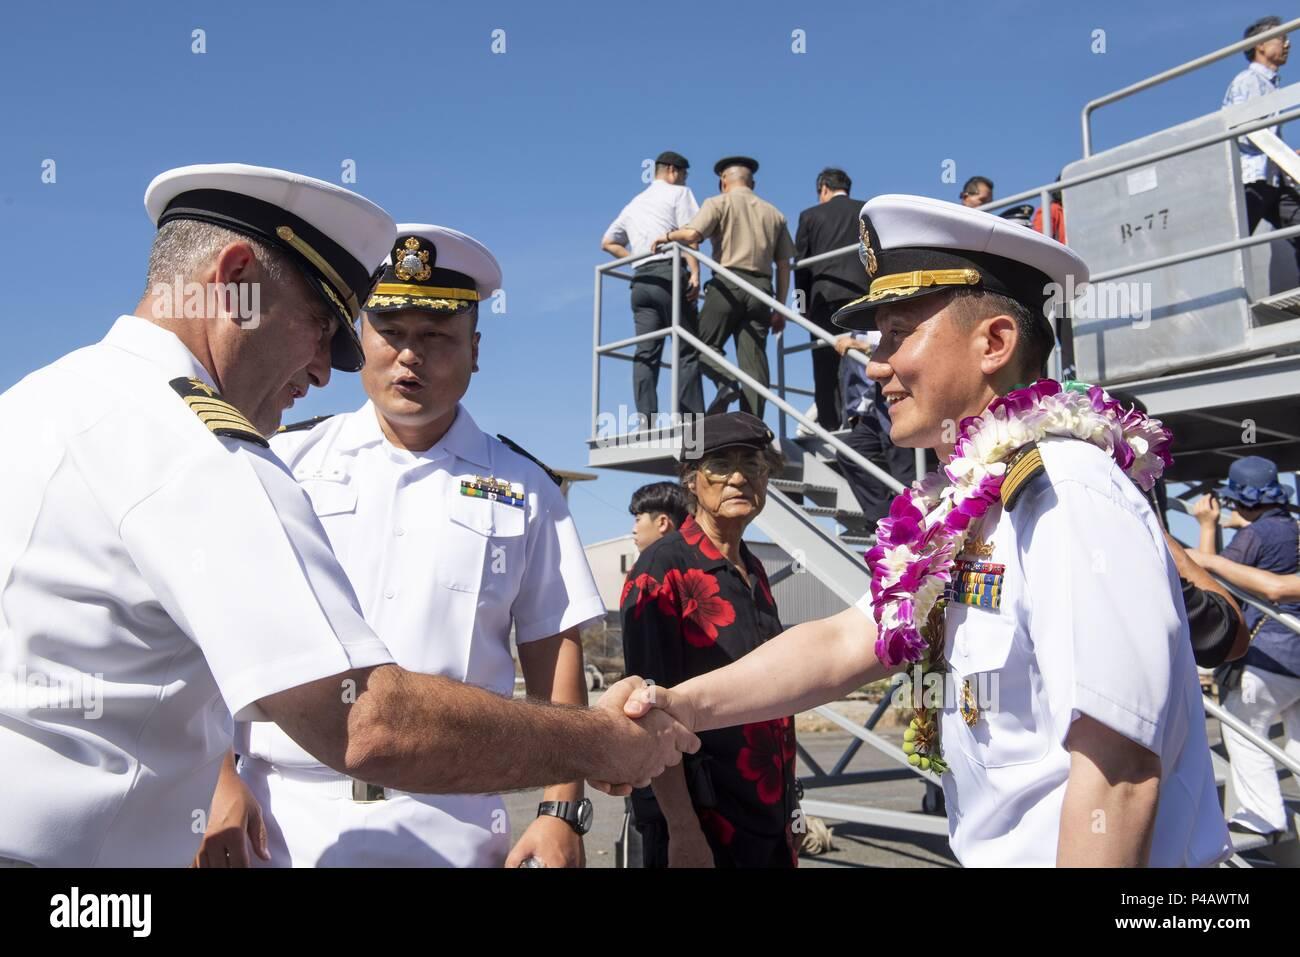 180608-N-QE566-0010 PEARL HARBOR -- (8 juin 2018) Le capitaine Christopher J. Budde, commandant du USS Port Royal (CG 73), gauche, se félicite le Capitaine Kim In-Ho, le commandant de la Marine de la République de Corée ship Yulgok Yi I (DDG 992), suite à l'arrivée du navire à Joint Base Pearl Harbor-Hickam 8 juin en préparation de l'exercice Rim of the Pacific (RIMPAC) 2018, 8 juin 2018. Vingt-six nations, 47 navires, 5 sous-marins, environ 200 avions, et 25, 000 personnes participent à l'EXERCICE RIMPAC du 27 juin au 2 août dans et autour des îles Hawaï et la Californie du Sud. Le monde est la Photo Stock